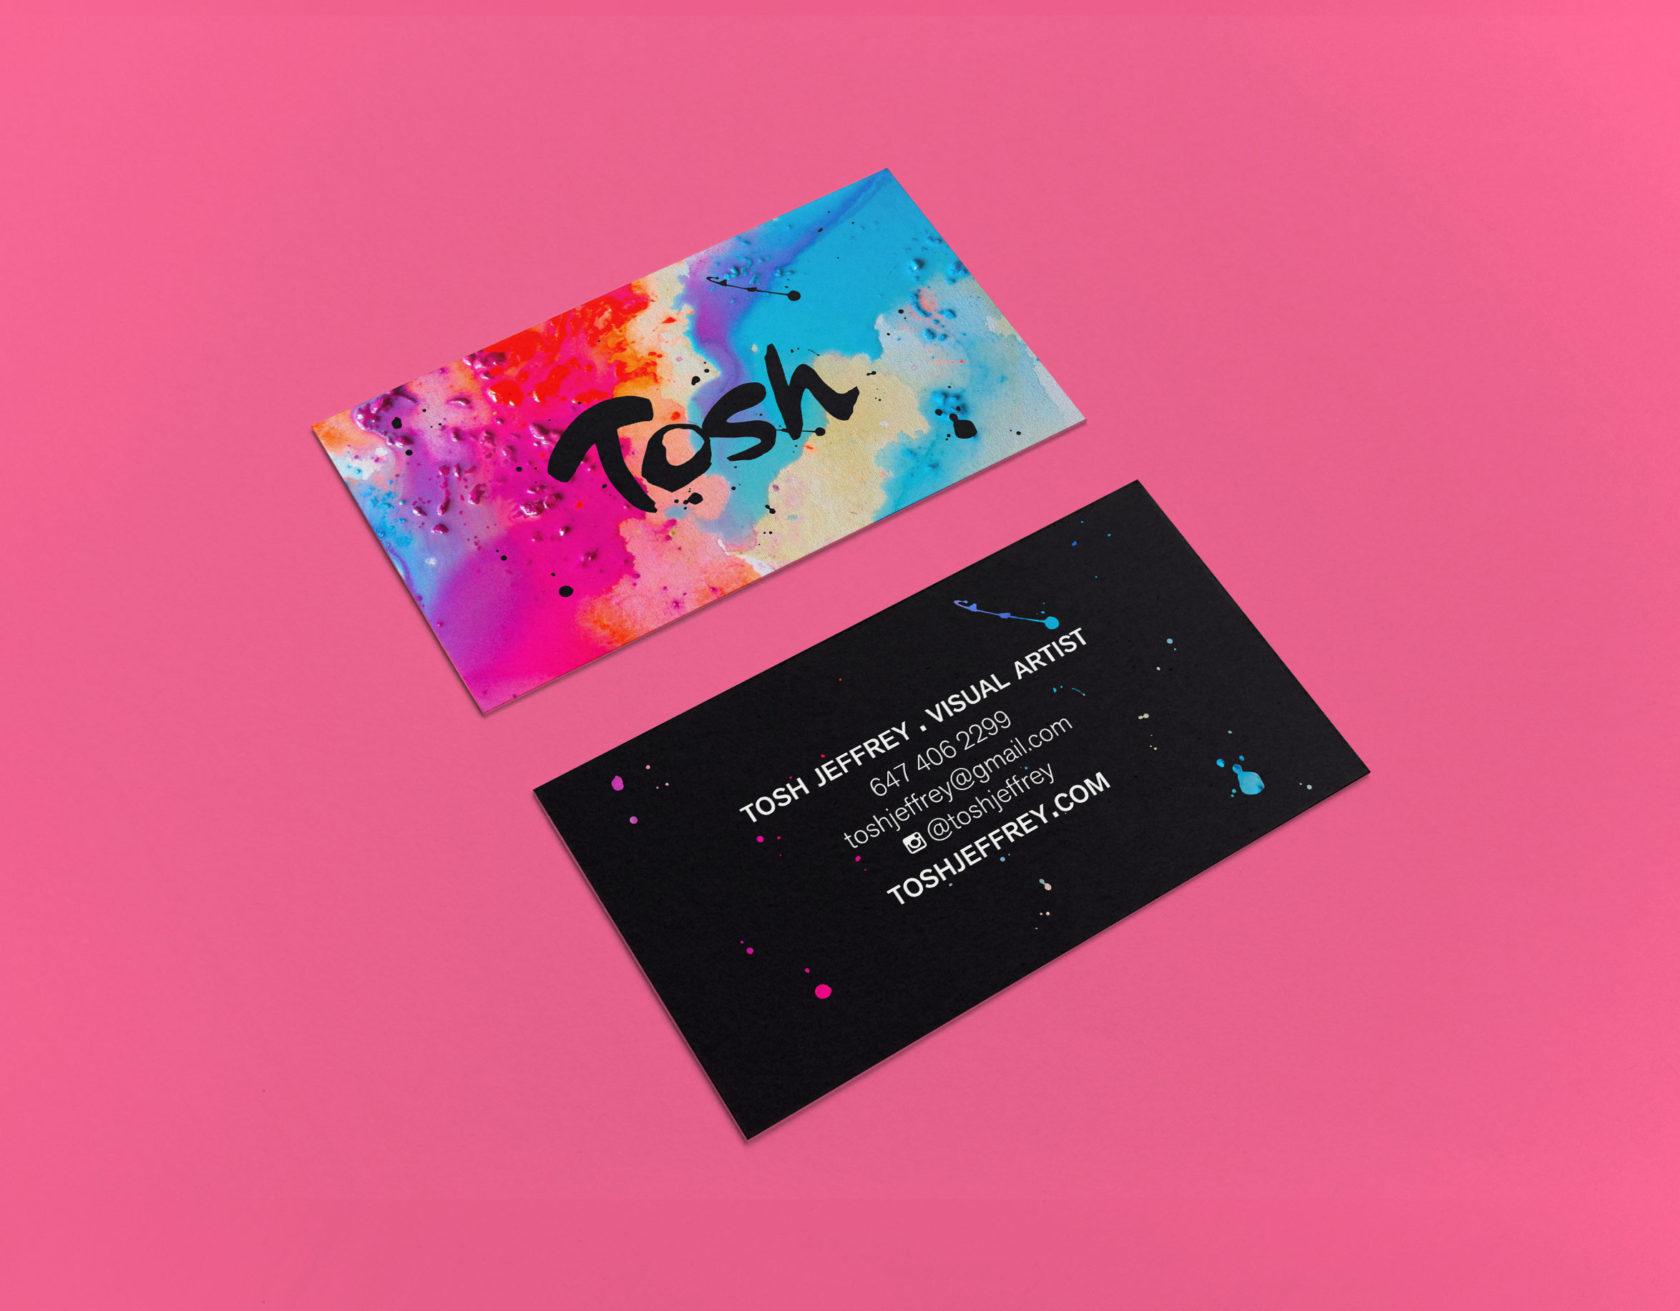 Tosh Jeffrey Business Card by Furia